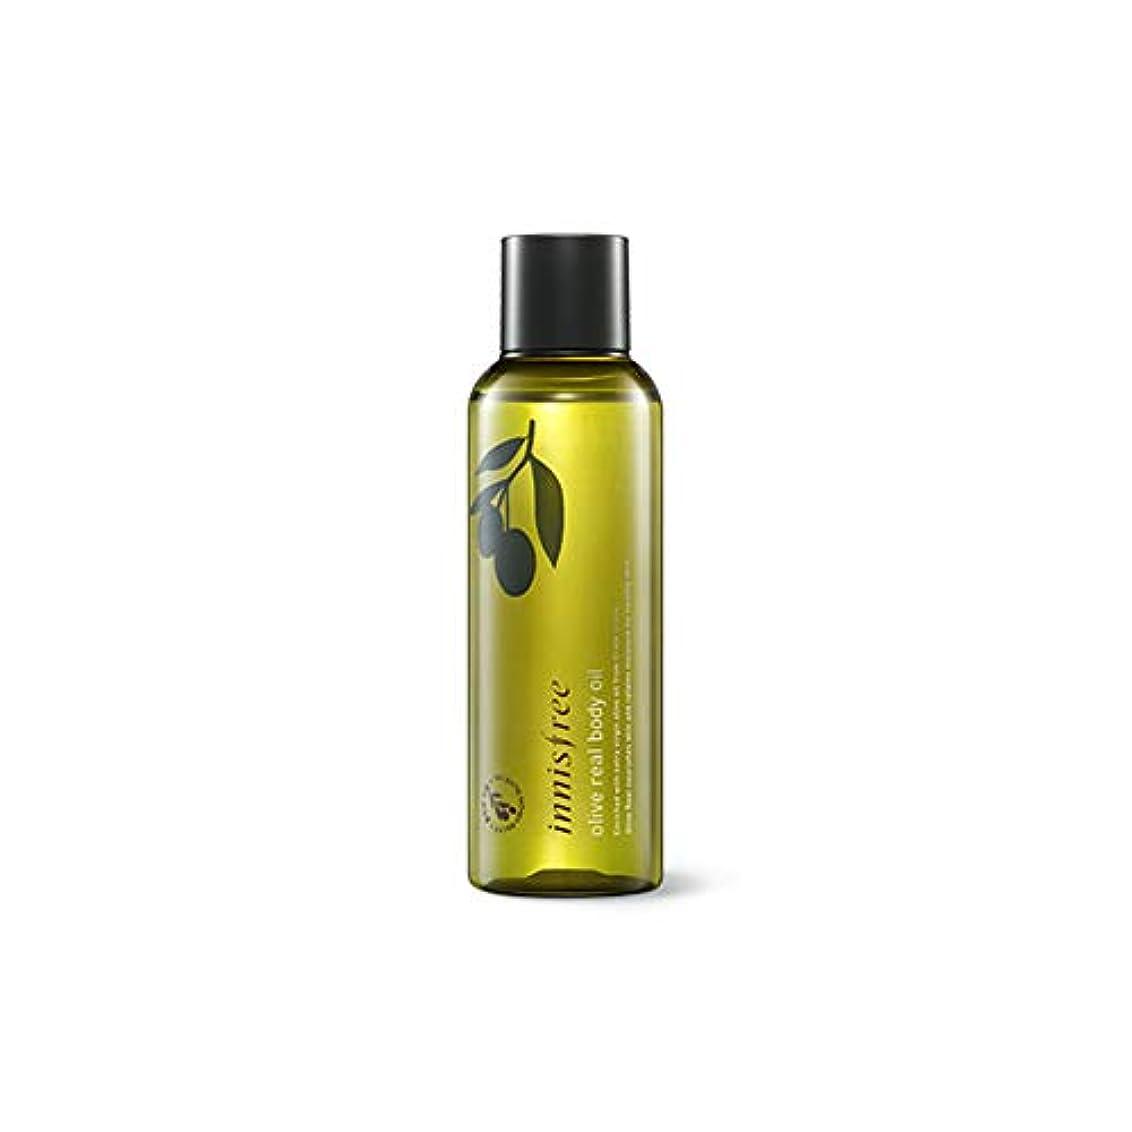 メッシュドリル周波数イニスフリー Innisfree オリーブリアルボディーオイル(150ml) Innisfree Olive Real Body Oil(150ml) [海外直送品]